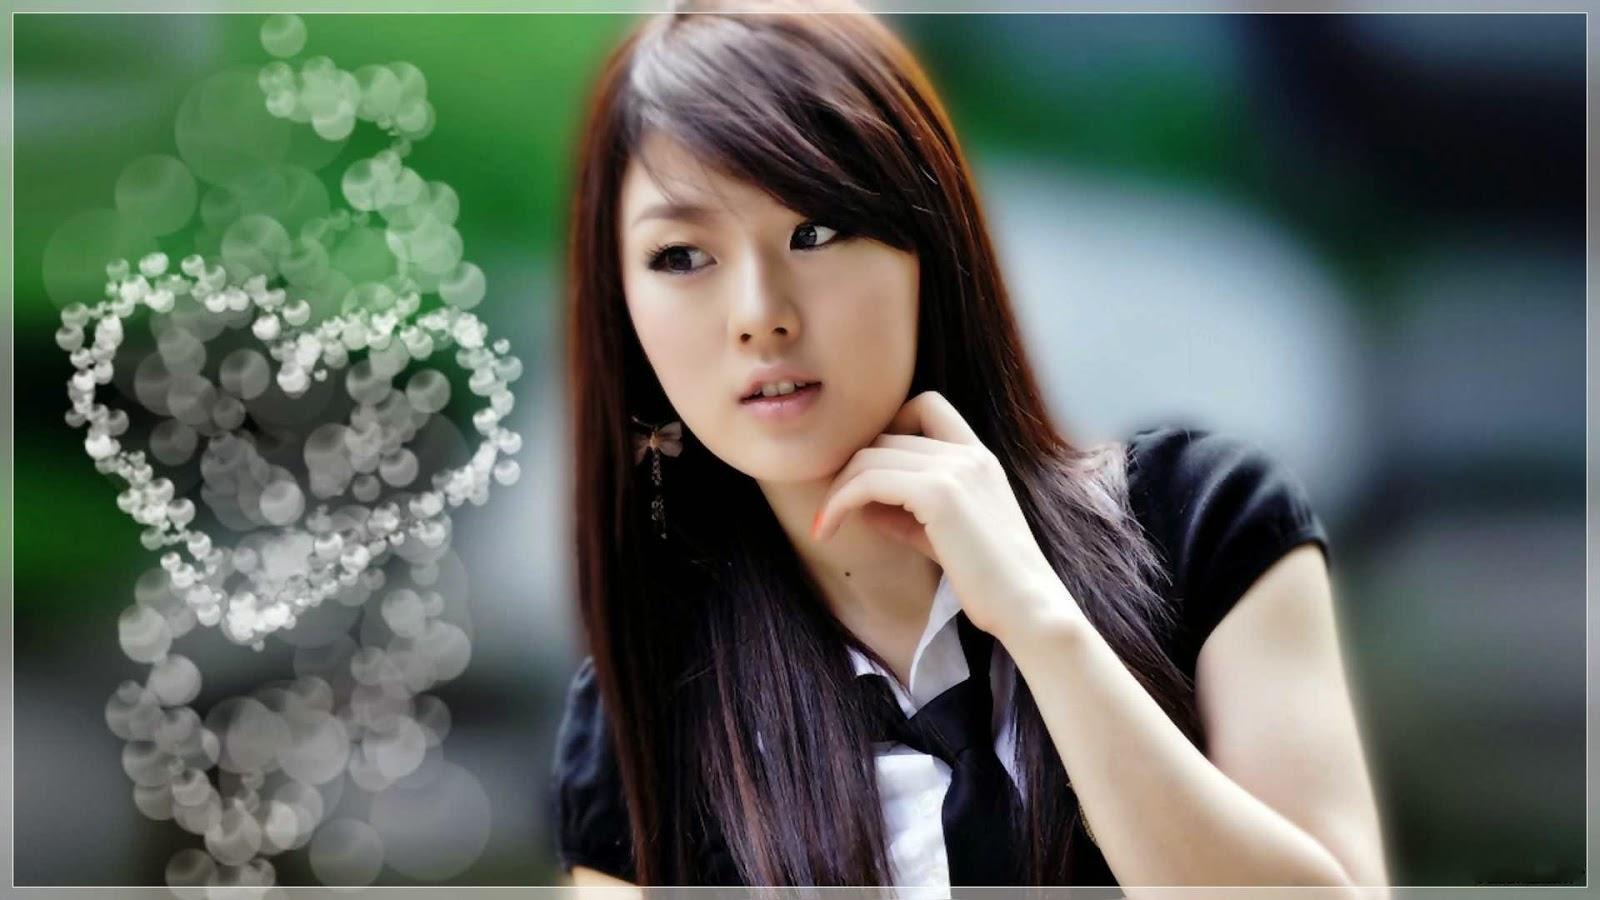 بالصور اجمل بنات كوريات في العالم , صور لملكات الجمال بكوريا 4464 15